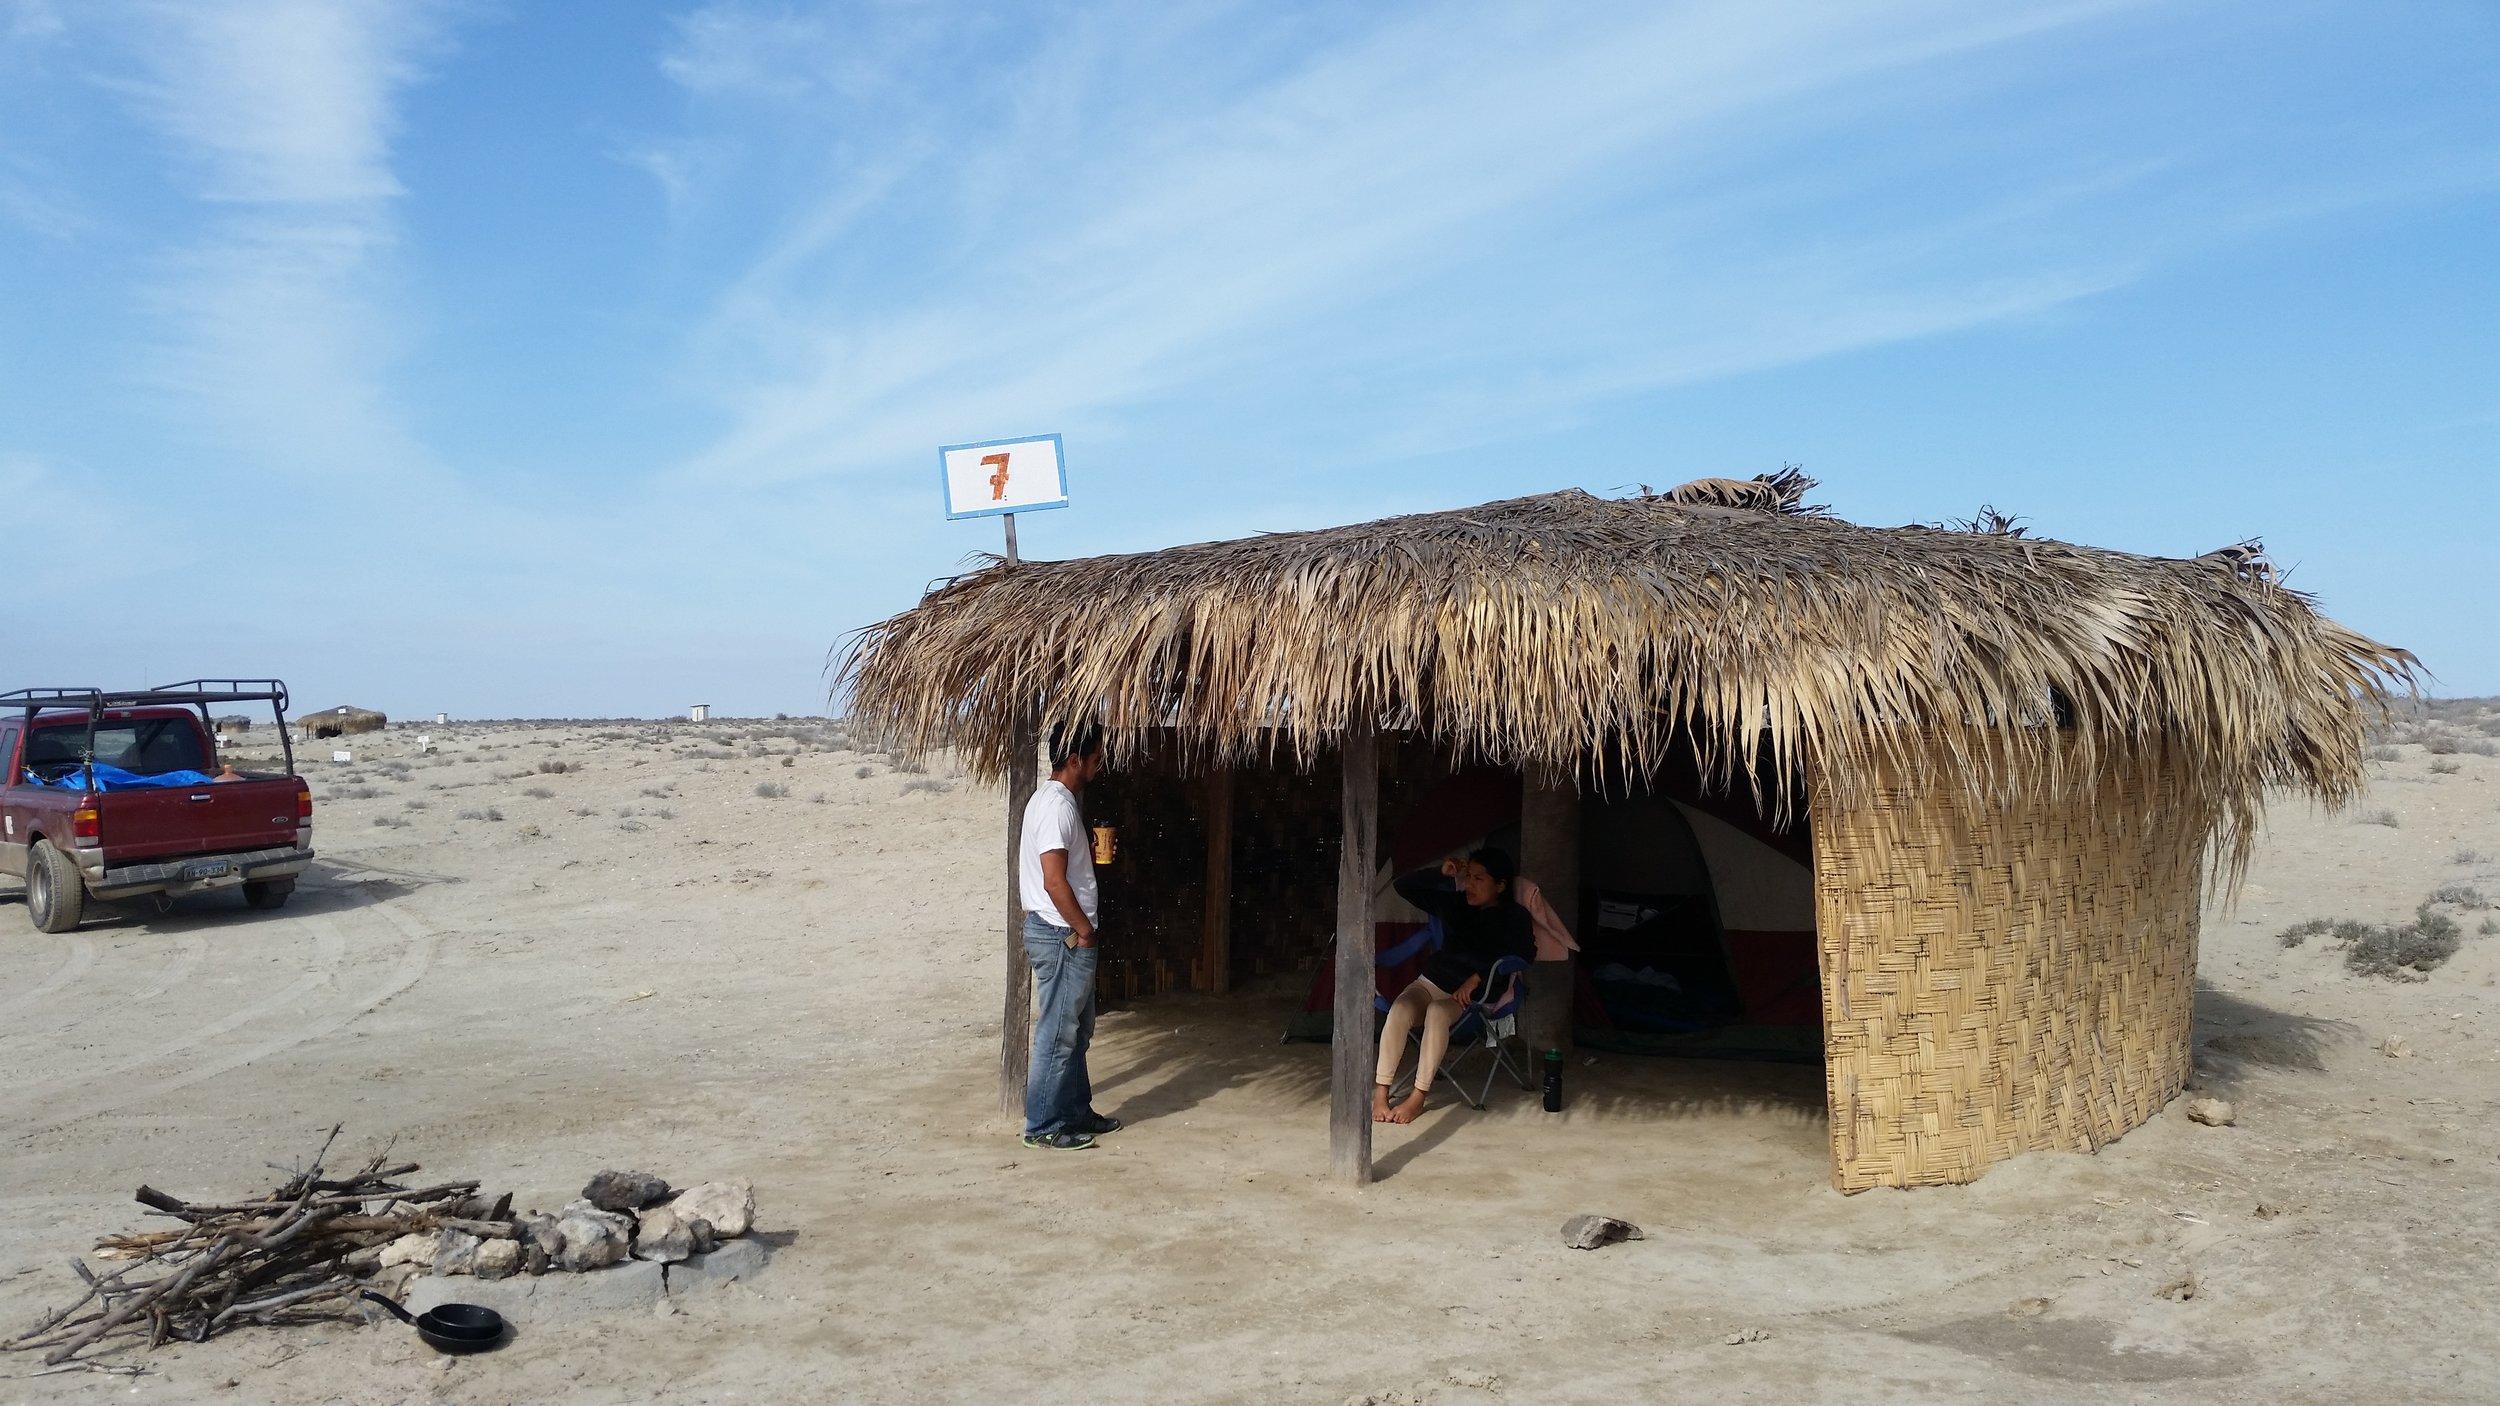 Our campsite in the salt flats of Guerrero Negro